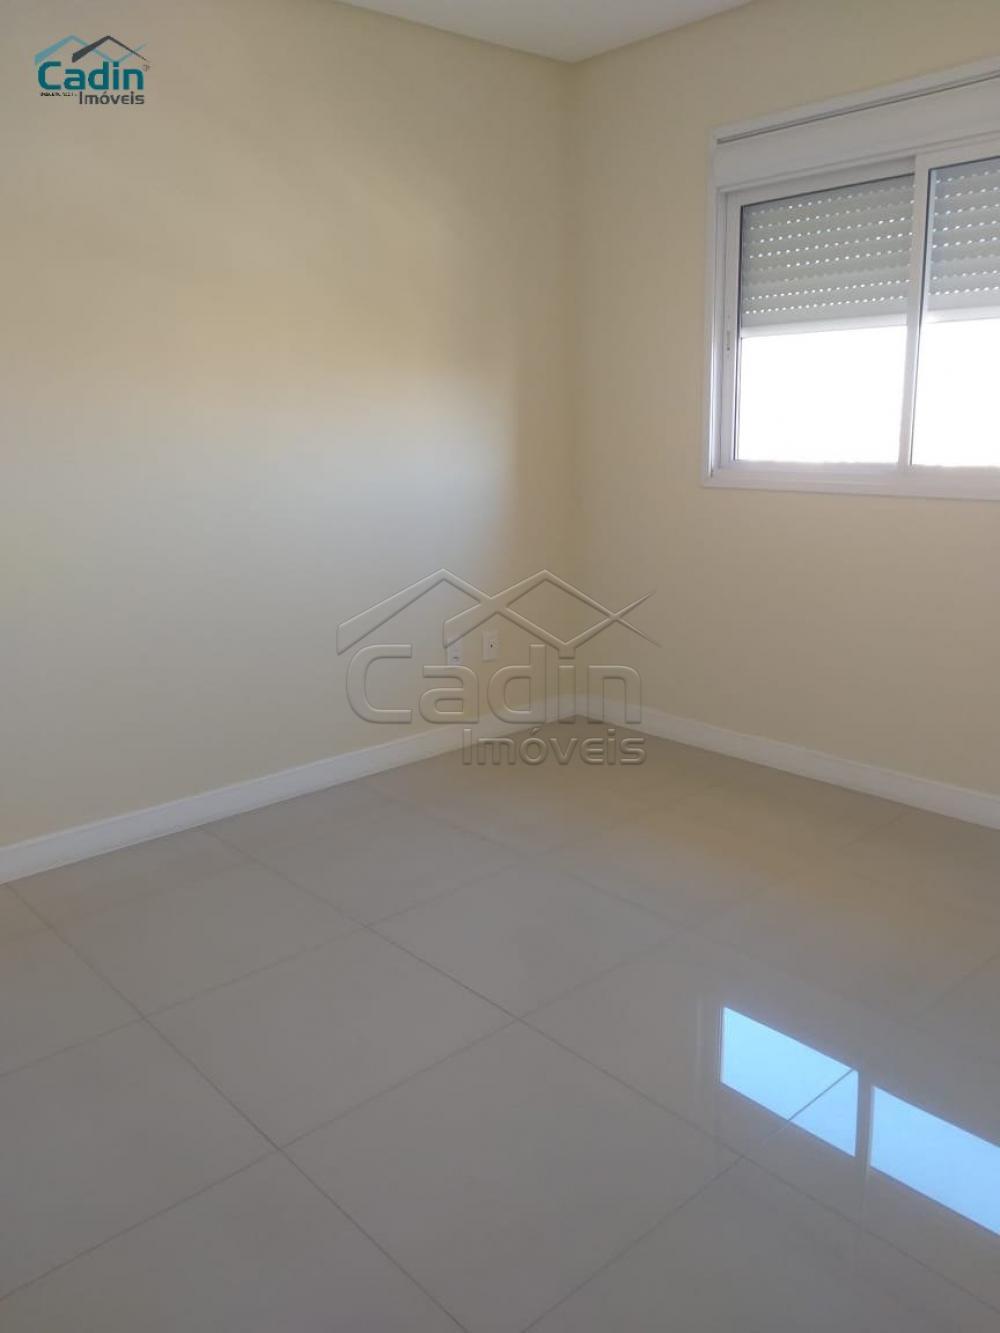 Comprar Apartamento / Cobertura em Navegantes R$ 2.019.000,00 - Foto 38